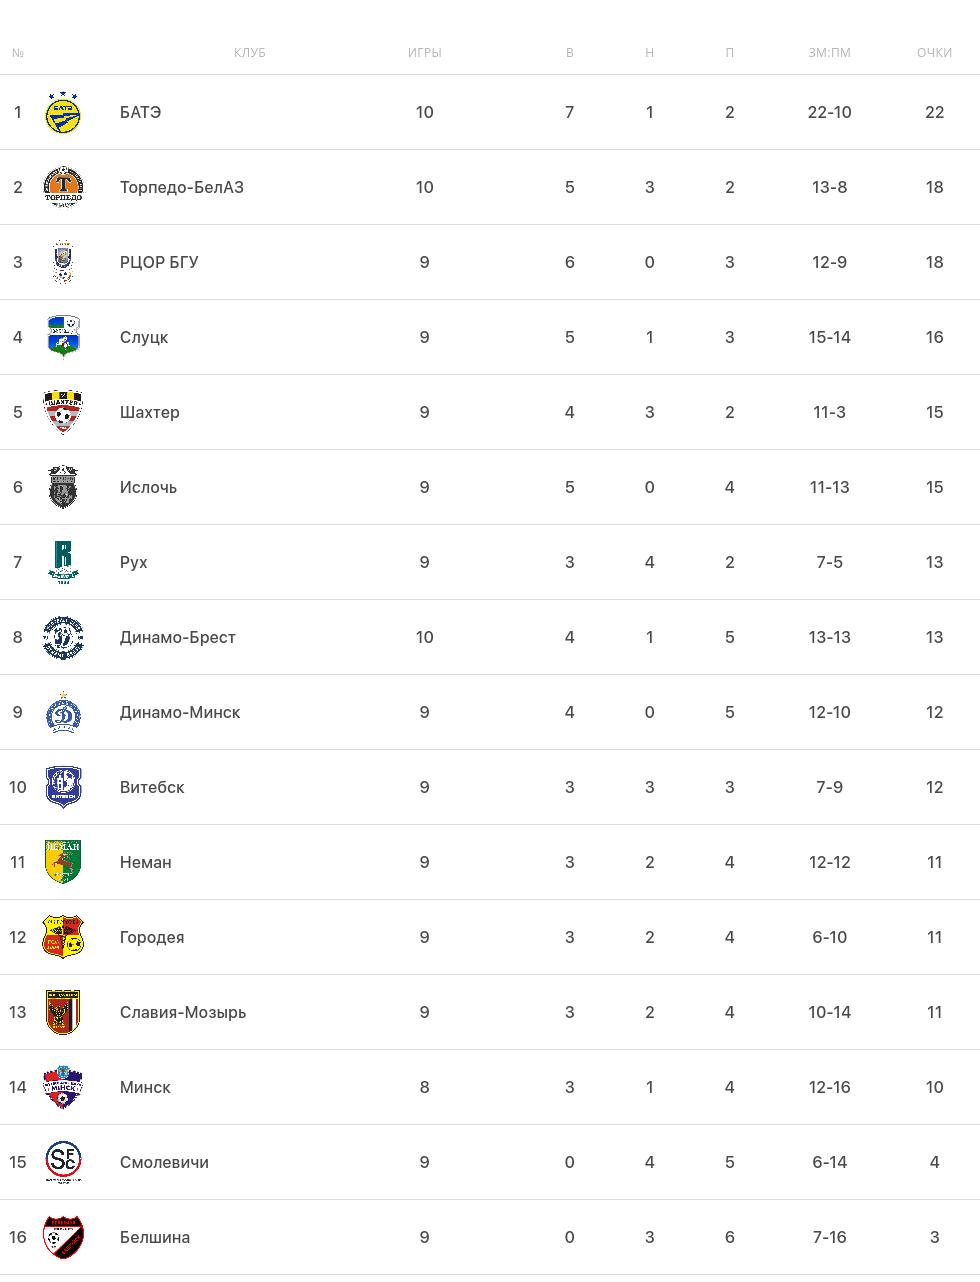 Турнирная таблица белорусской Высшей лиги перед пятничными матчами 10-го тура